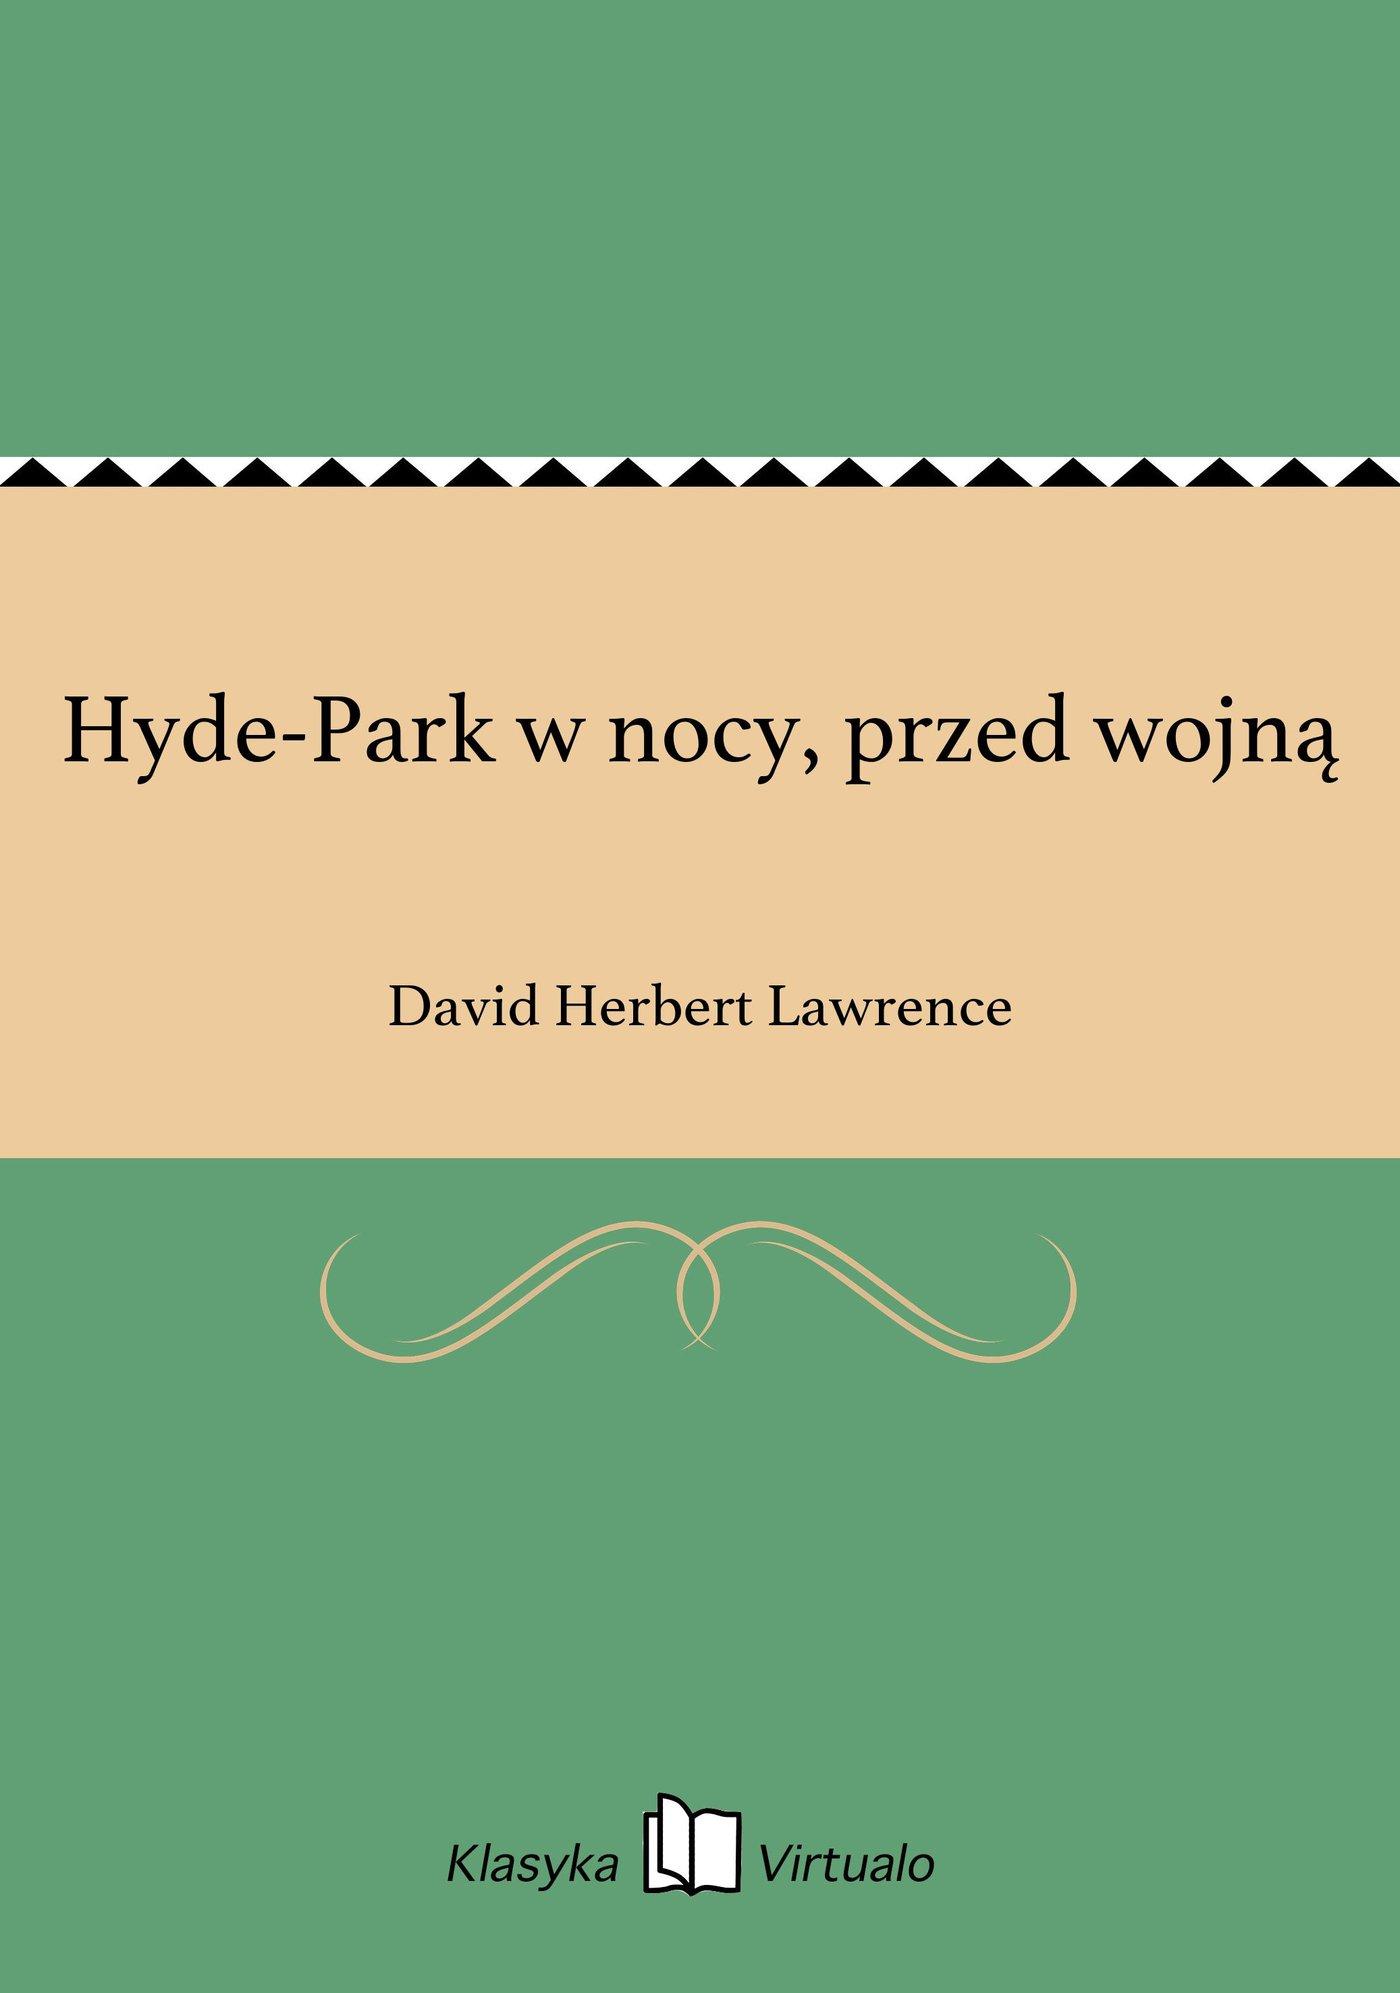 Hyde-Park w nocy, przed wojną - Ebook (Książka EPUB) do pobrania w formacie EPUB